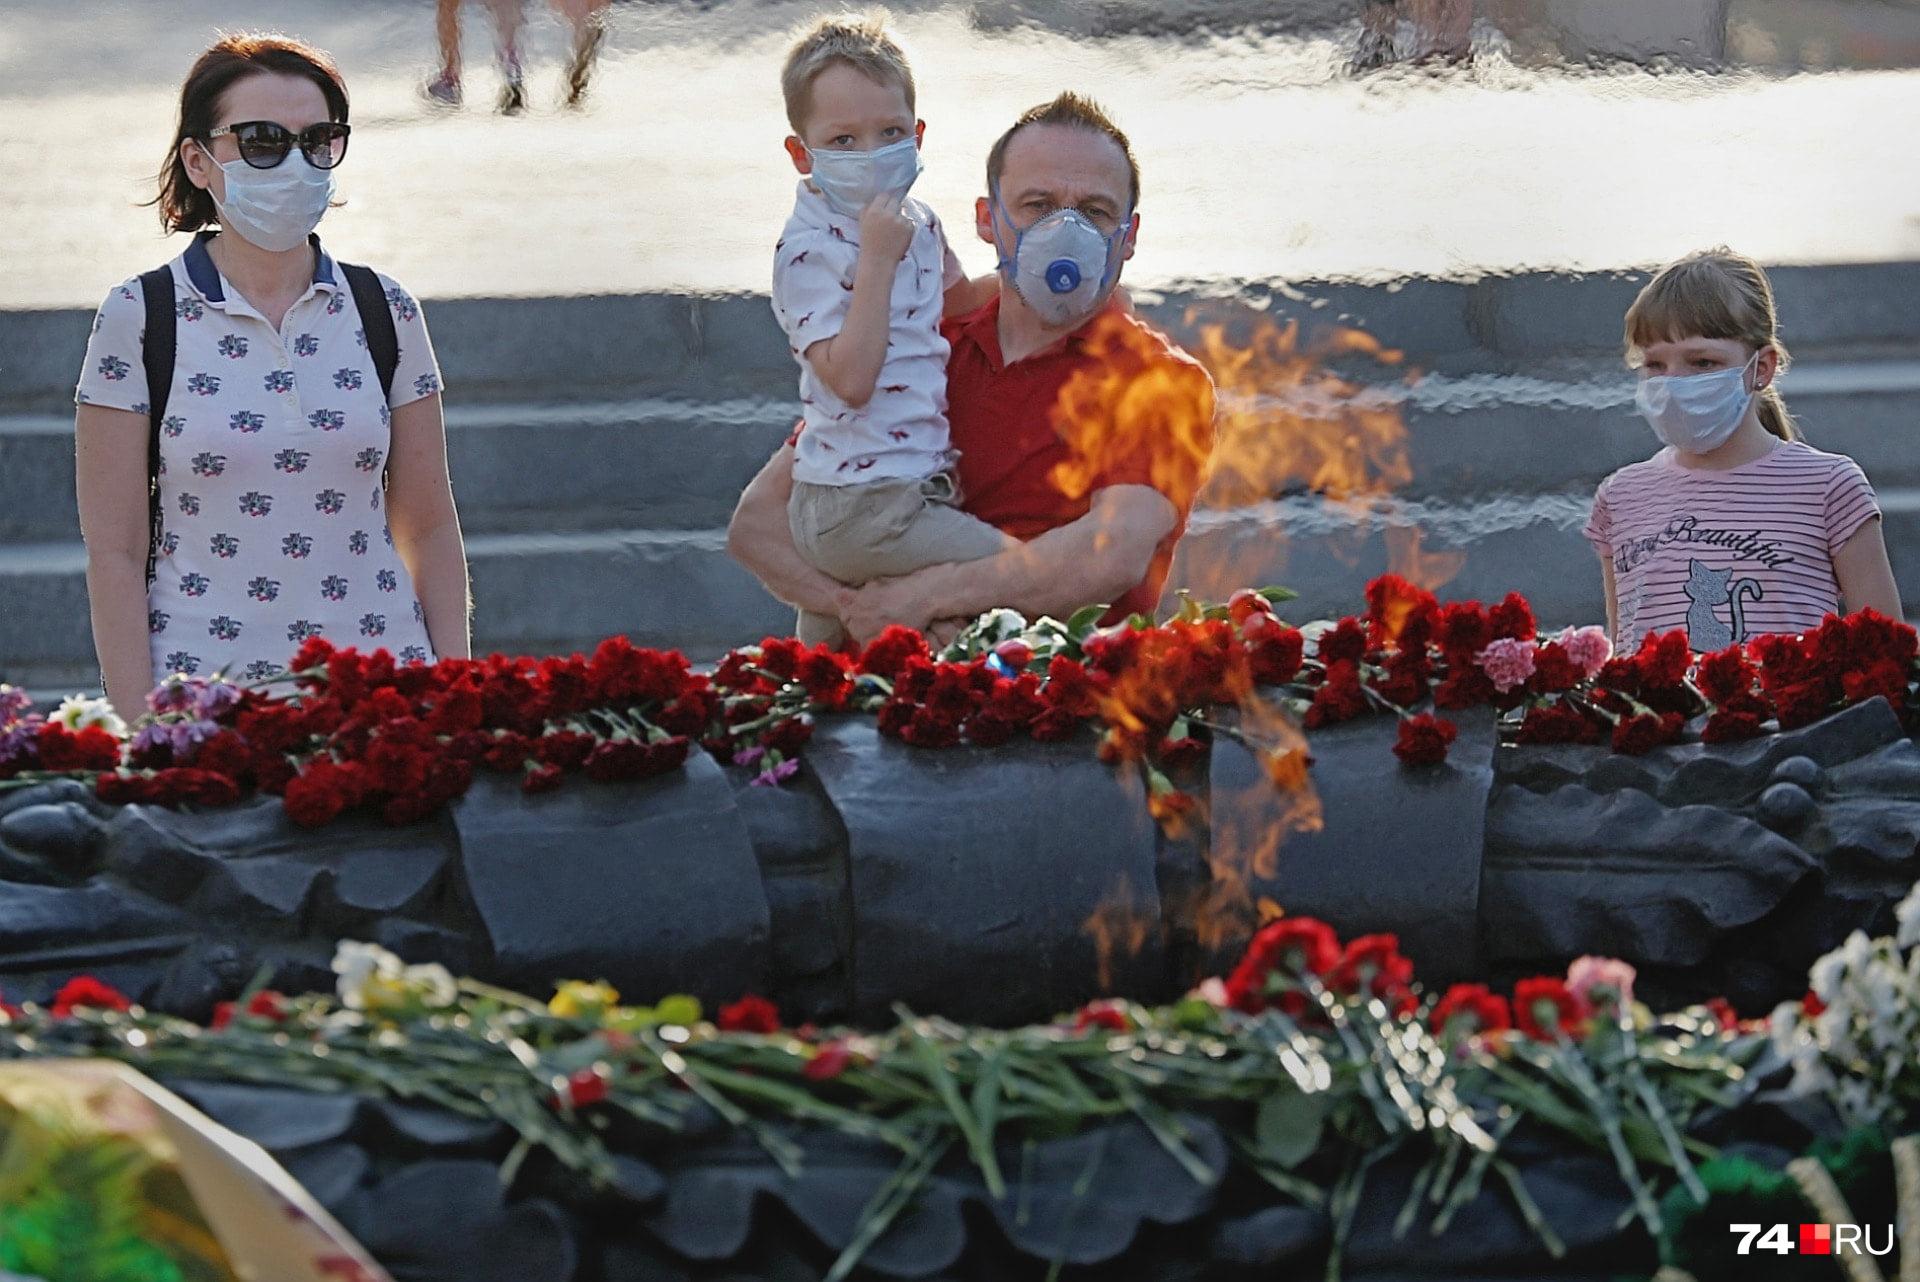 День Победы перенесся с весны на лето и проходил скромно, без парадов и массовых гуляний